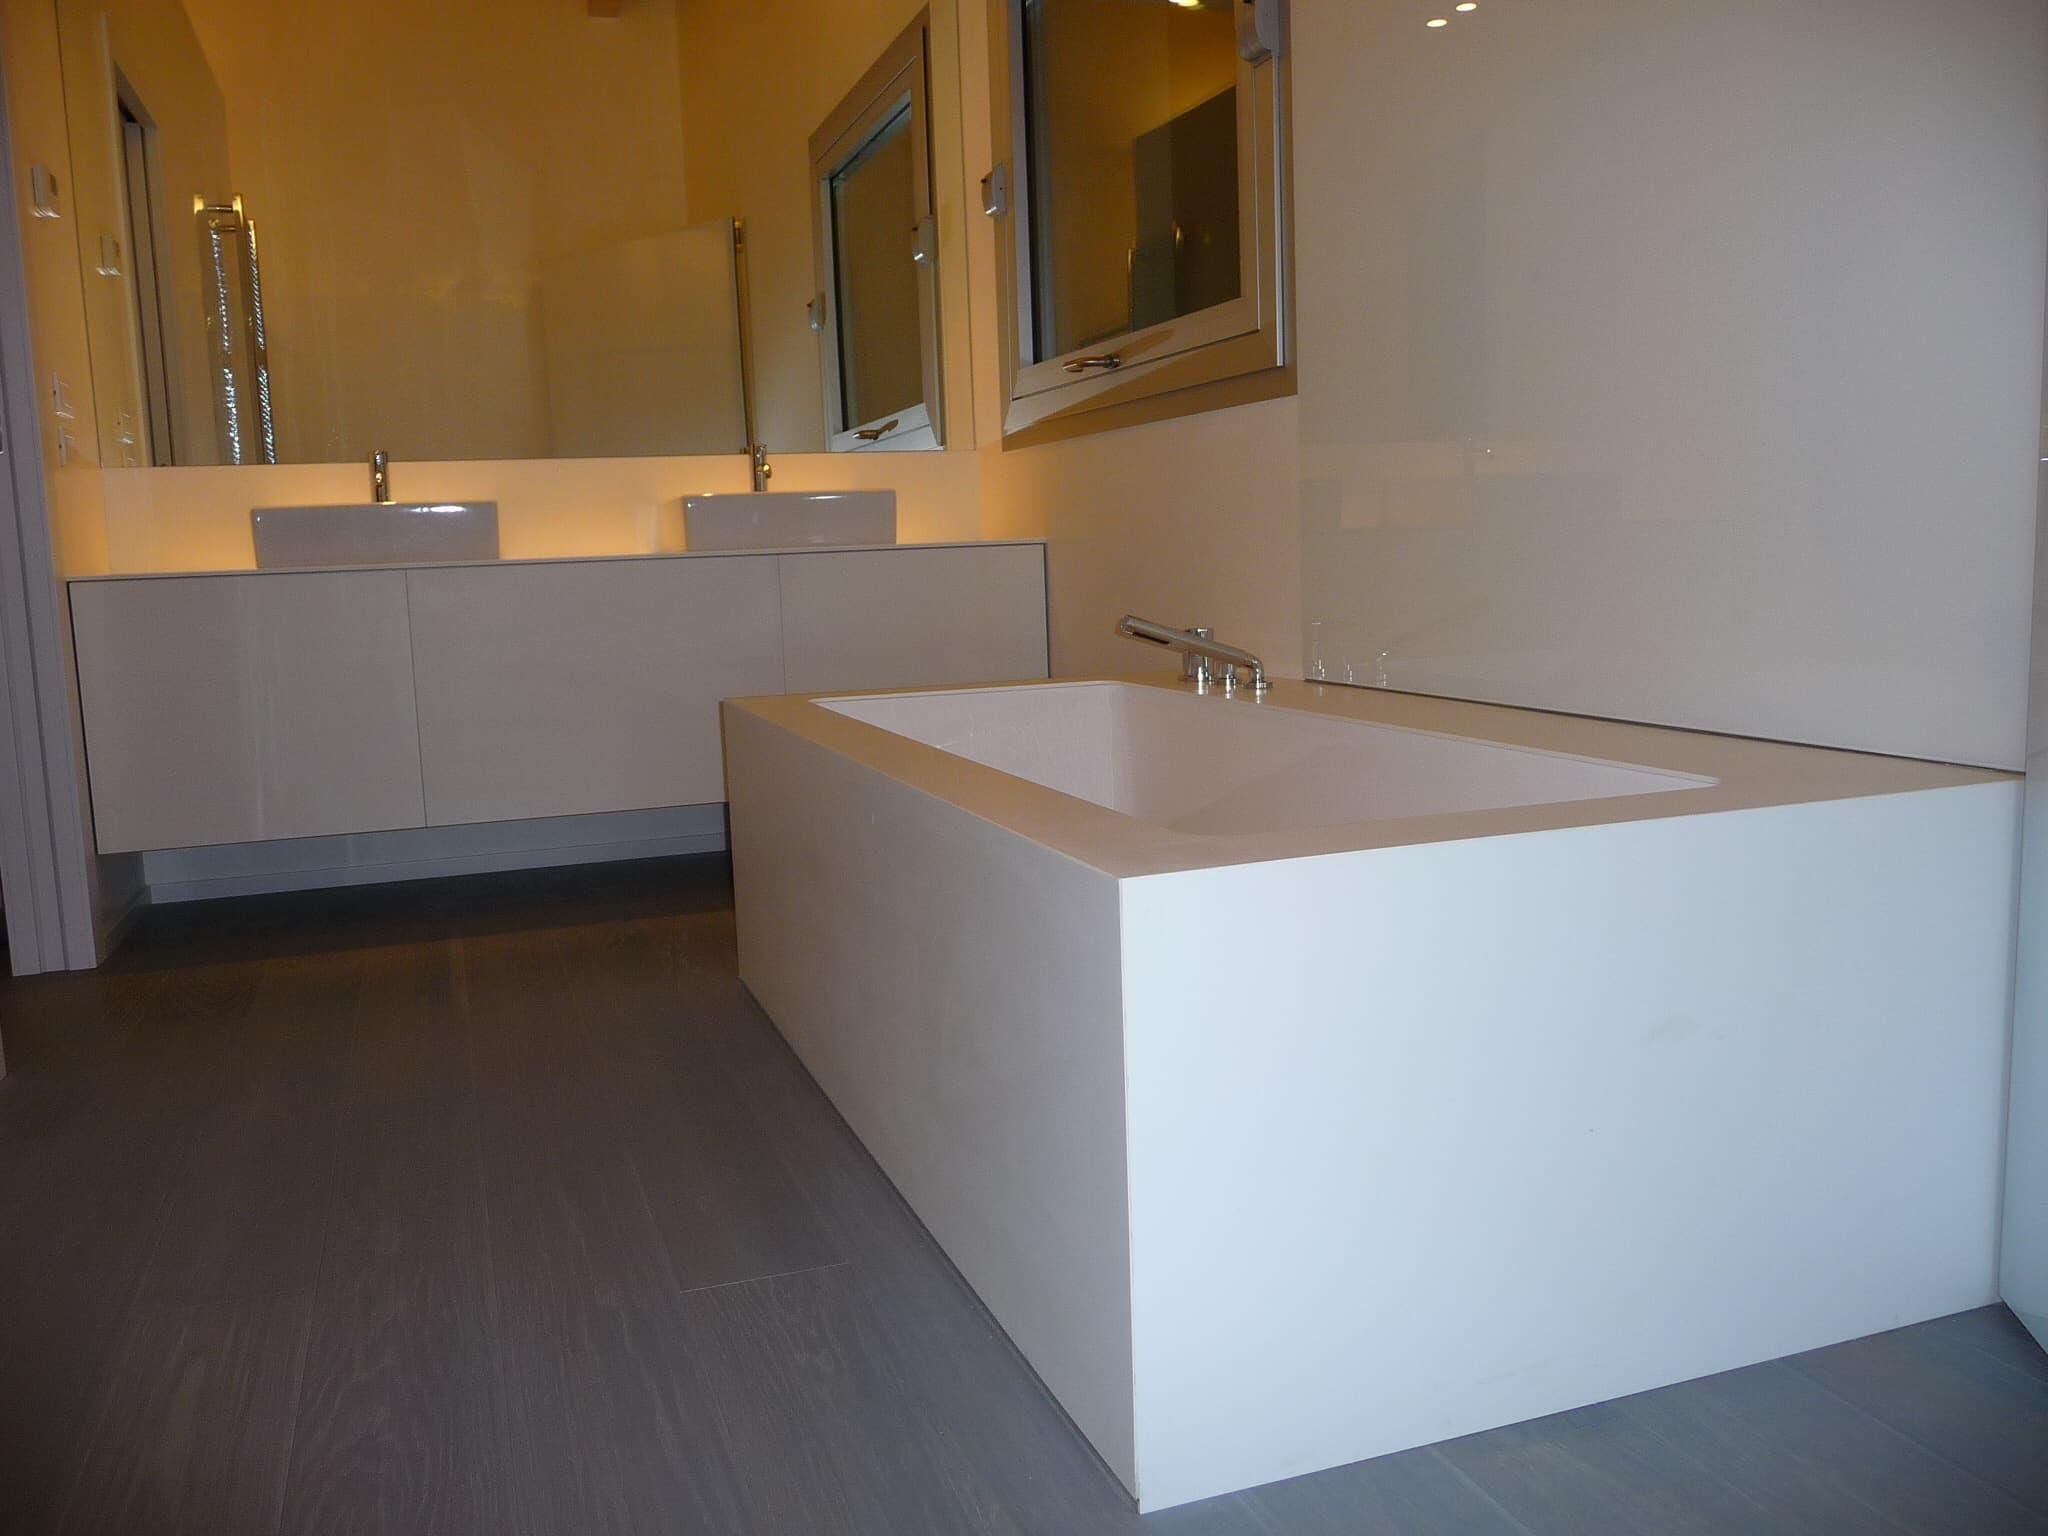 Vasca Da Bagno Classica : Whirlpool vasca da bagno parigi made in germany con ugelli per